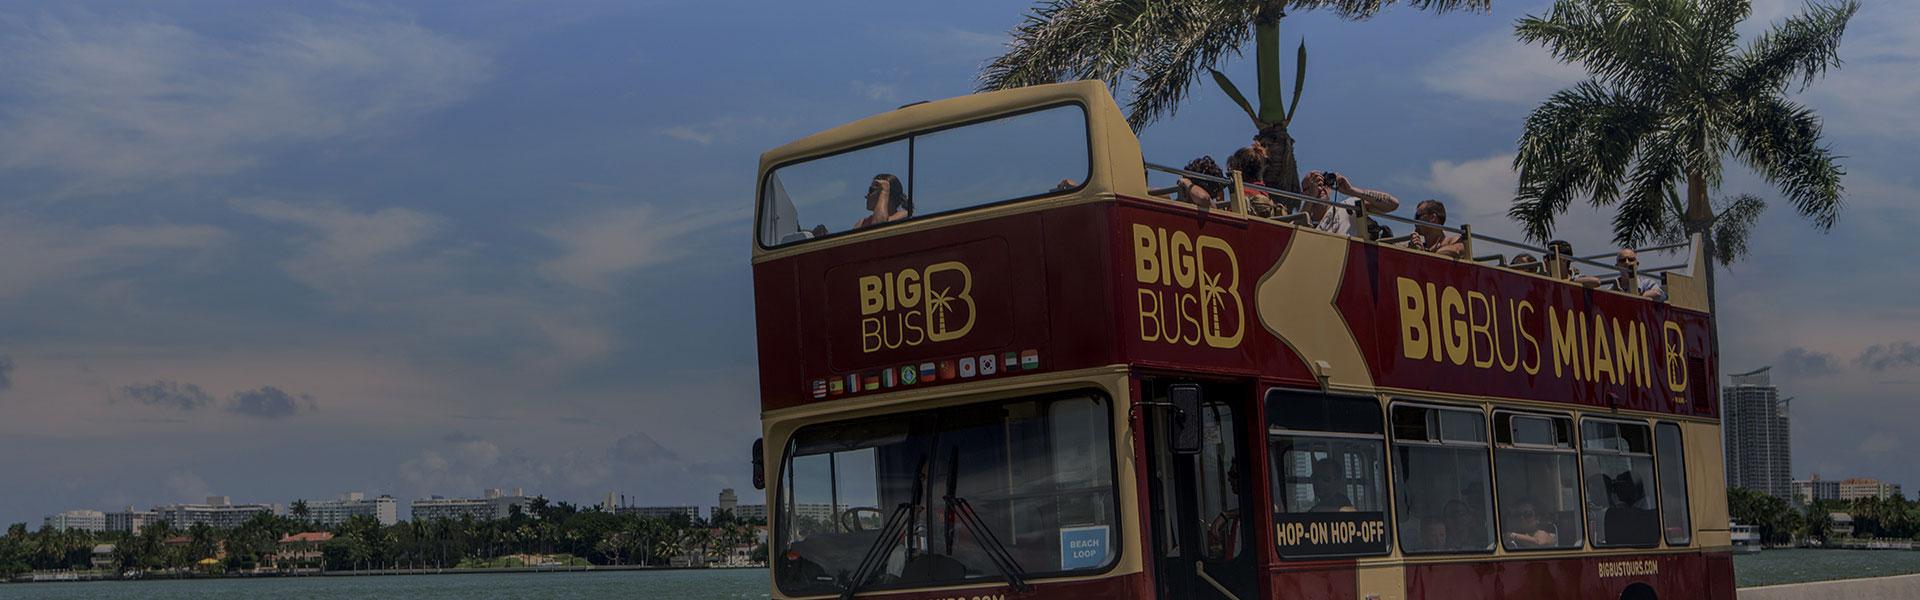 Turistas disfrutando de un tour de Big Bus